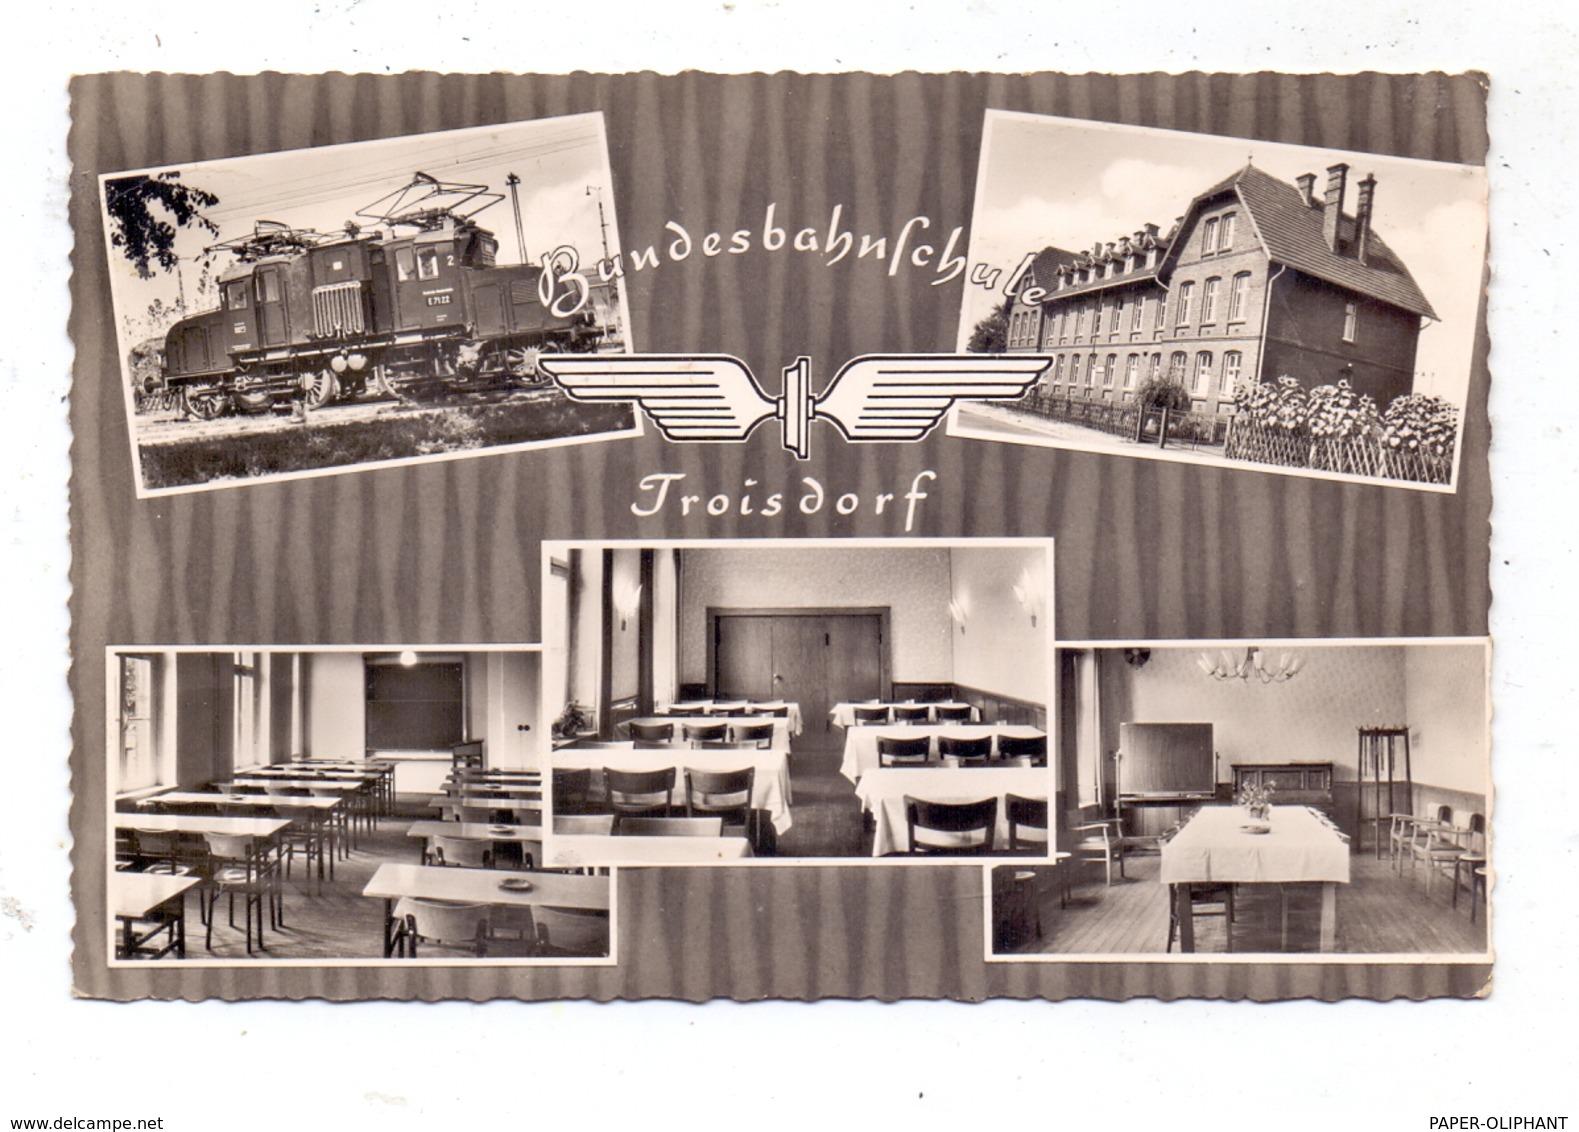 5210 TROISDORF, Bundesbahnschule, Eisenbahn - Troisdorf